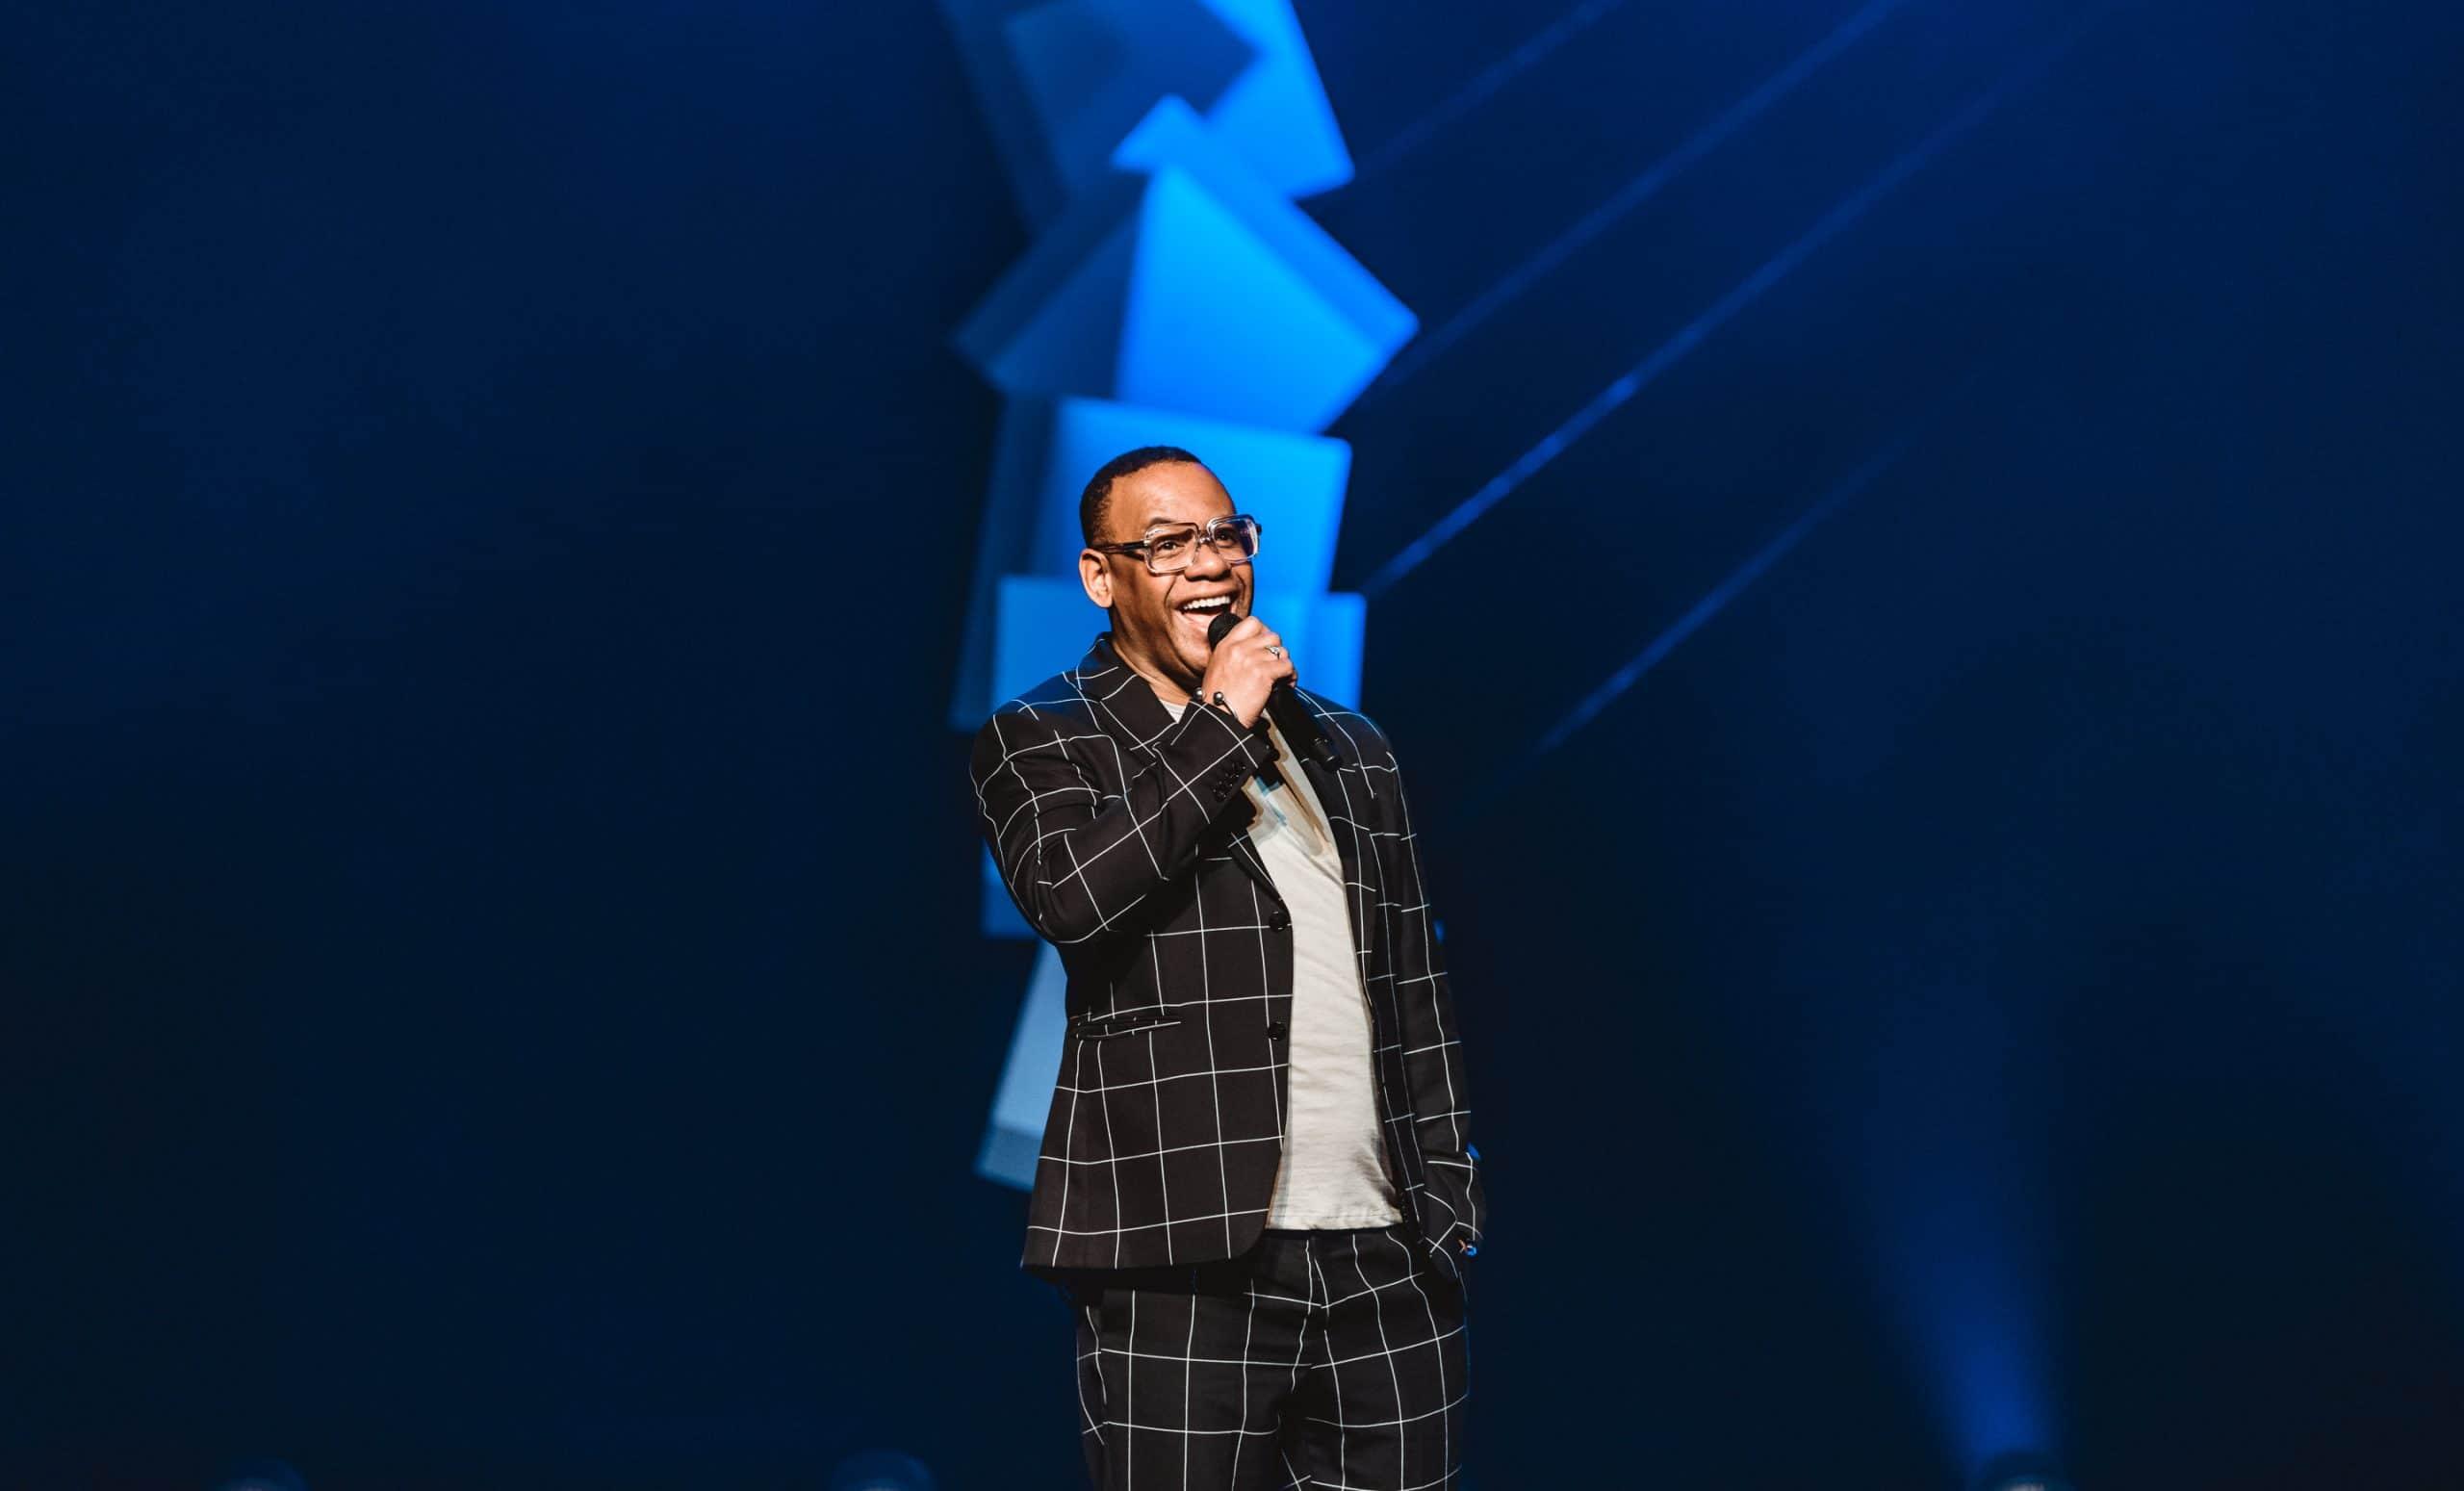 Howard komproe tijdens het groninger studenten cabaret festival